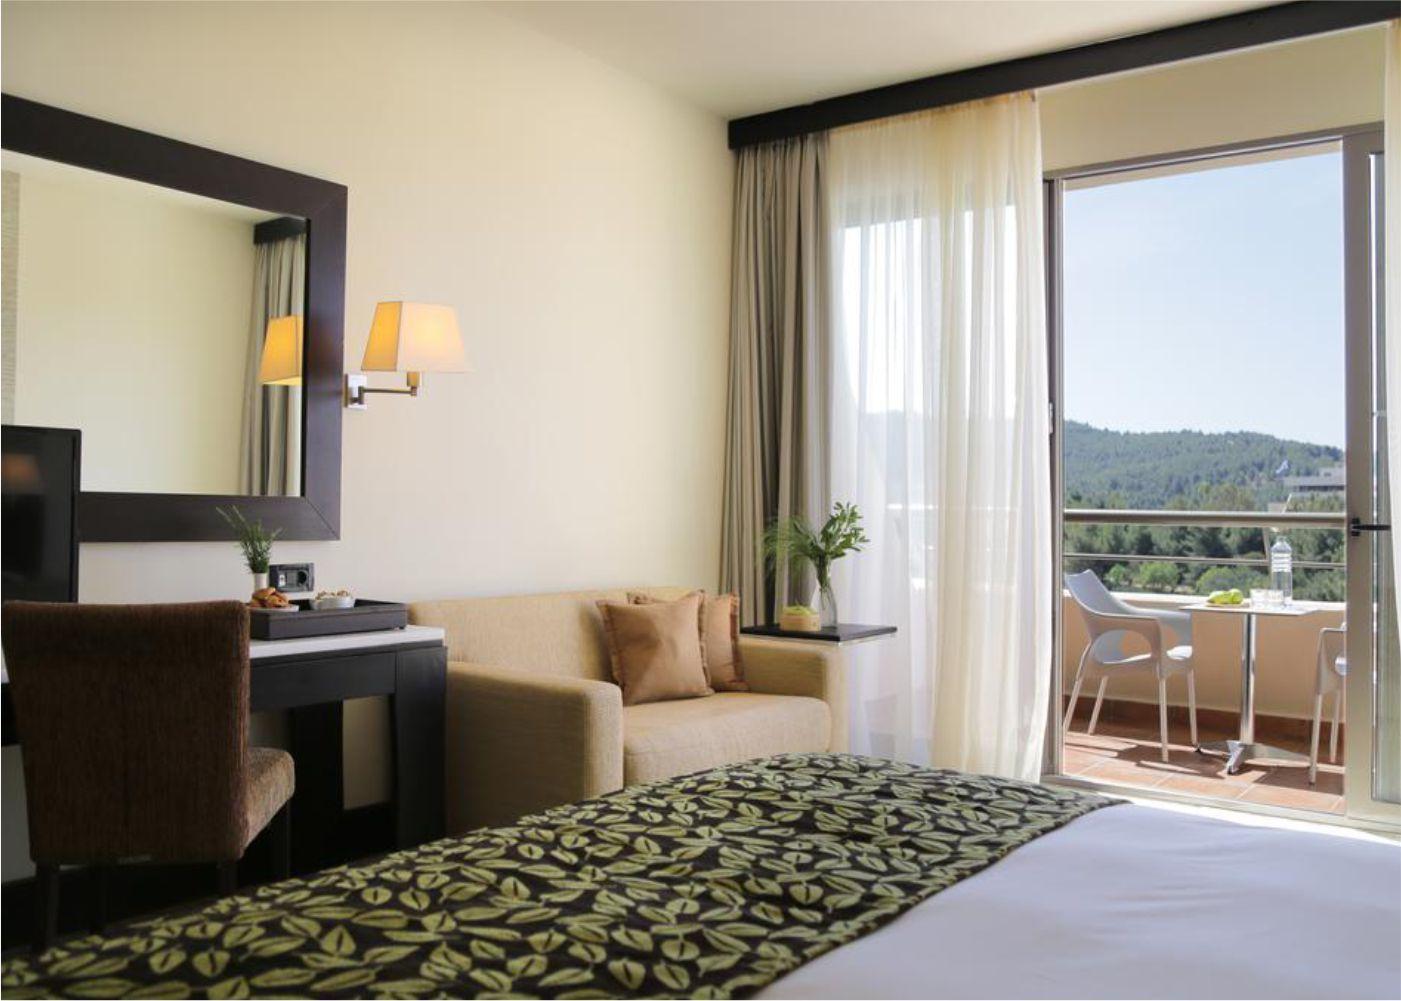 paraskevi-interior-design-porto-carras-hotel-7